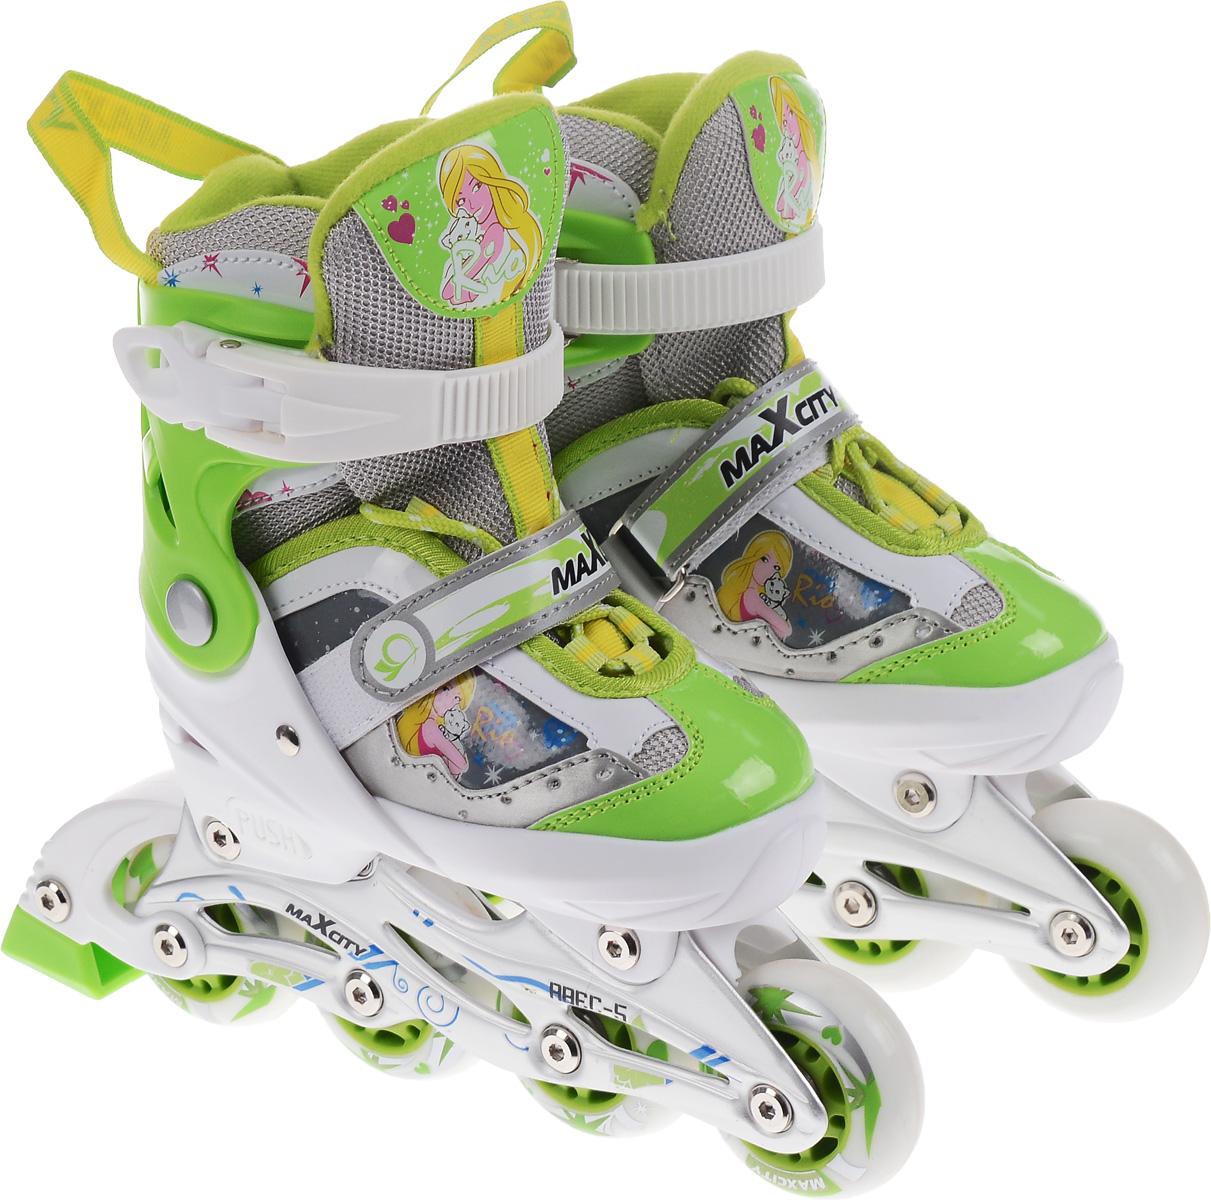 Коньки роликовые MaxCity Rio, раздвижные, цвет: зеленый, белый. Размер 29/32RIOСтильные роликовые коньки Rio от MaxCity с ярким принтом придутся по душе вашему ребенку. Ботинок конька изготовлен по технологии Max Fit из комбинированных синтетических и полимерных материалов, обеспечивающих максимальную вентиляцию ноги. Анатомически облегченная конструкция ботинка из пластика обеспечивает улучшенную боковую поддержку и полный контроль над движением. Подкладка из мягкого текстиля комфортна при езде. Стелька Hi Dri из ЭВА с текстильной поверхностью обеспечивает комфорт и отличную амортизацию. Классическая шнуровка с ремнем на липучке обеспечивает плотное закрепление пятки. На голенище модель фиксируется клипсой с фиксатором. Прочная рама из алюминия отлично передает усилие ноги и позволяет быстро разгоняться. Мягкие полиуретановые колеса обеспечат плавное и бесшумное движение. Износостойкие подшипники класса ABEC 5 наименее восприимчивы к попаданию влаги и песка, а также не позволяют развивать высокую скорость, что очень важно для детей и начинающих роллеров....